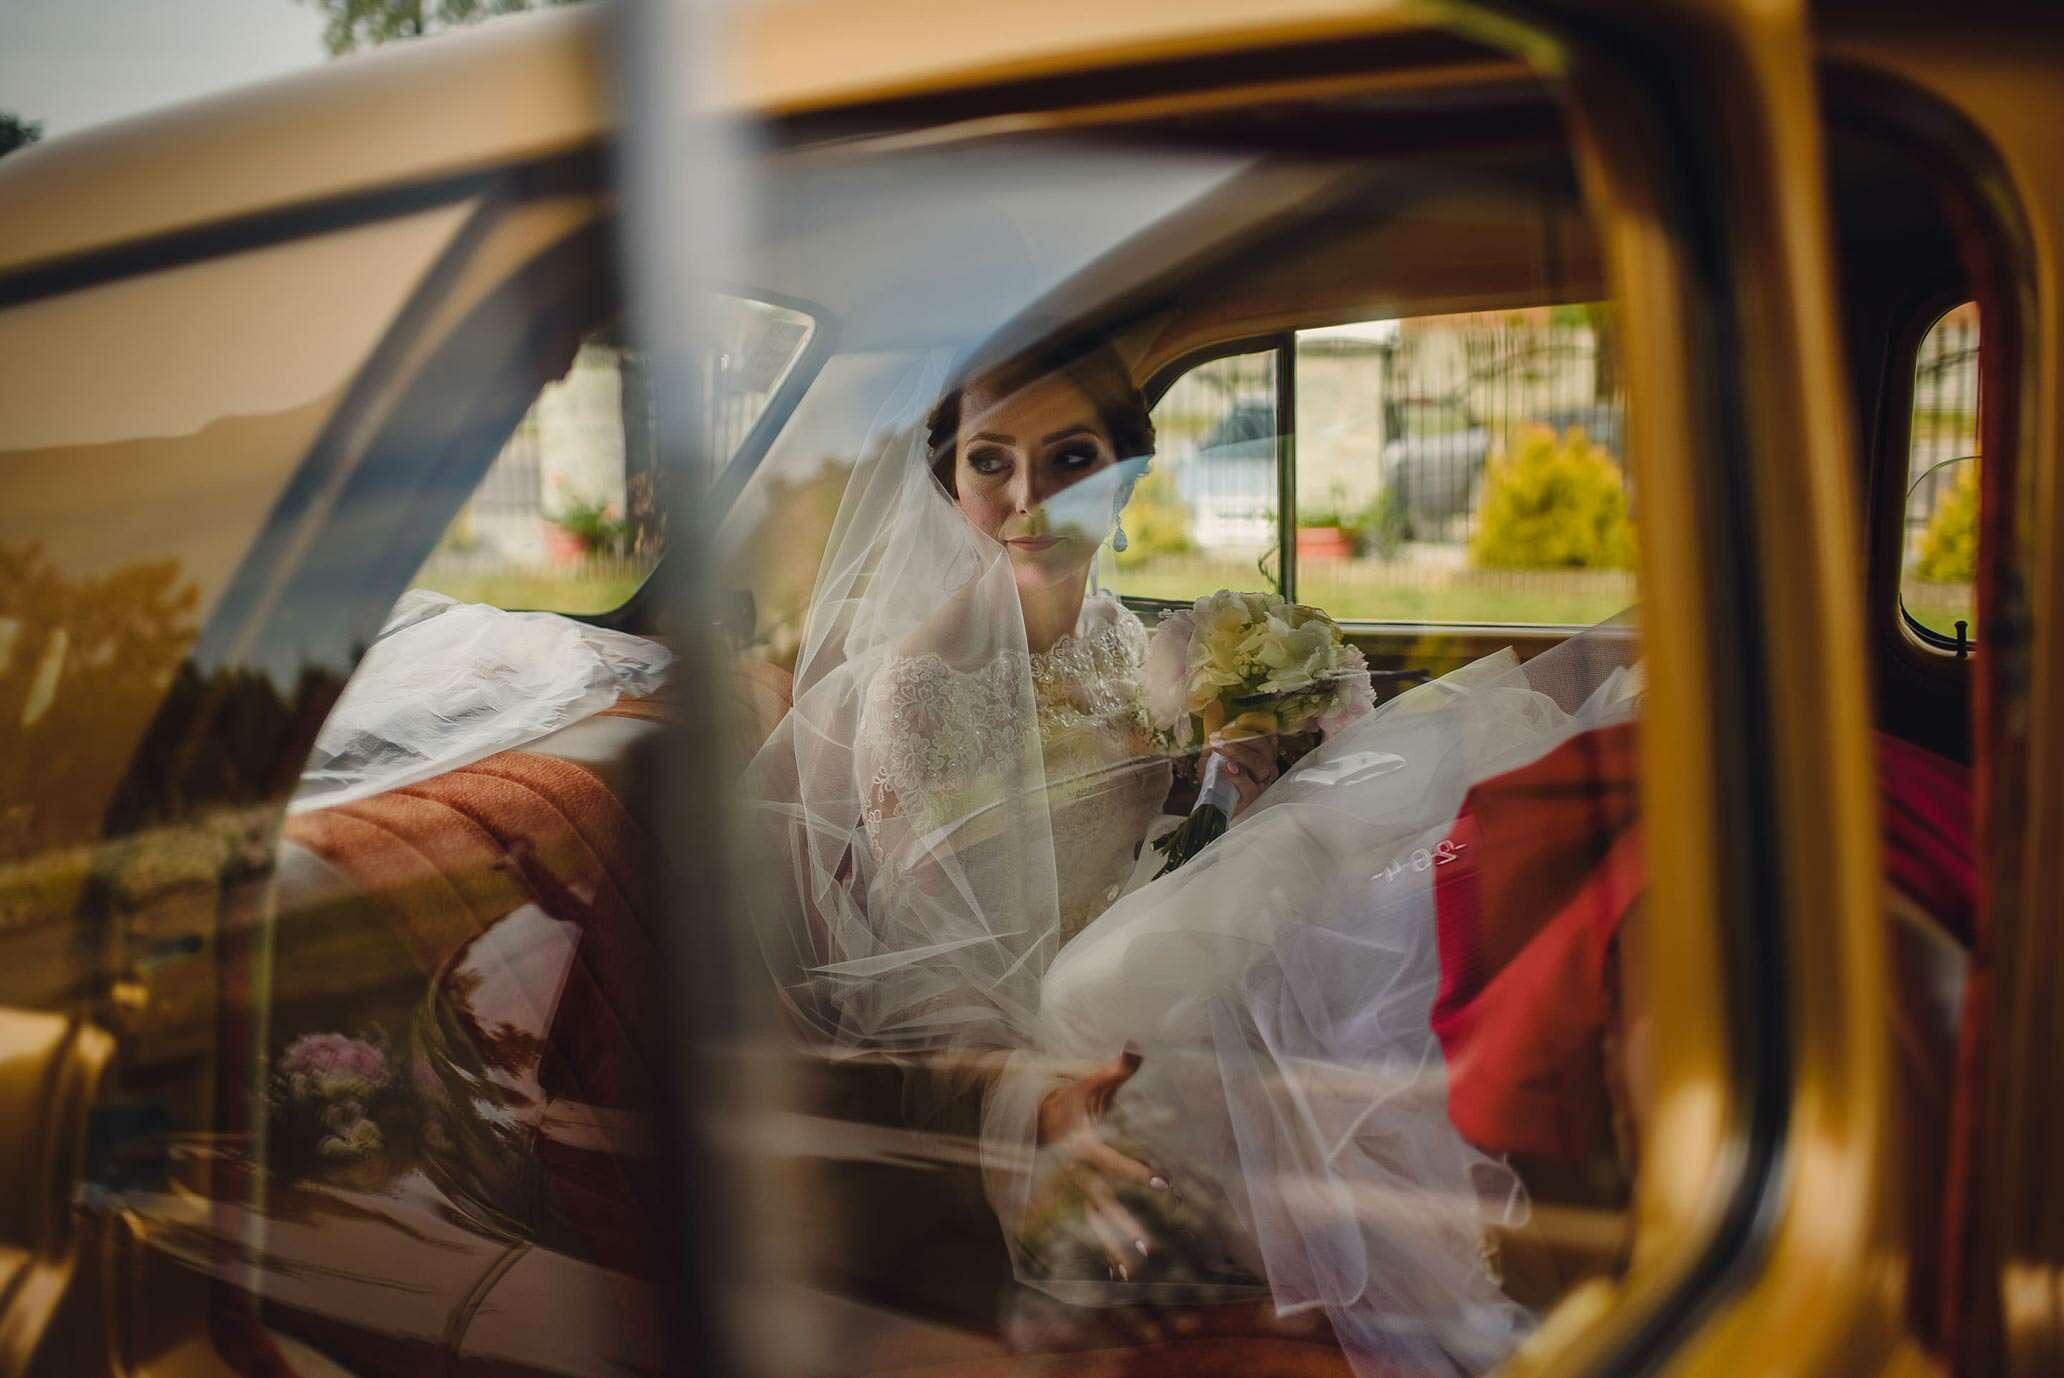 fotograf Konin Zbigniew Karmelita zdjęcia ślubne Konin